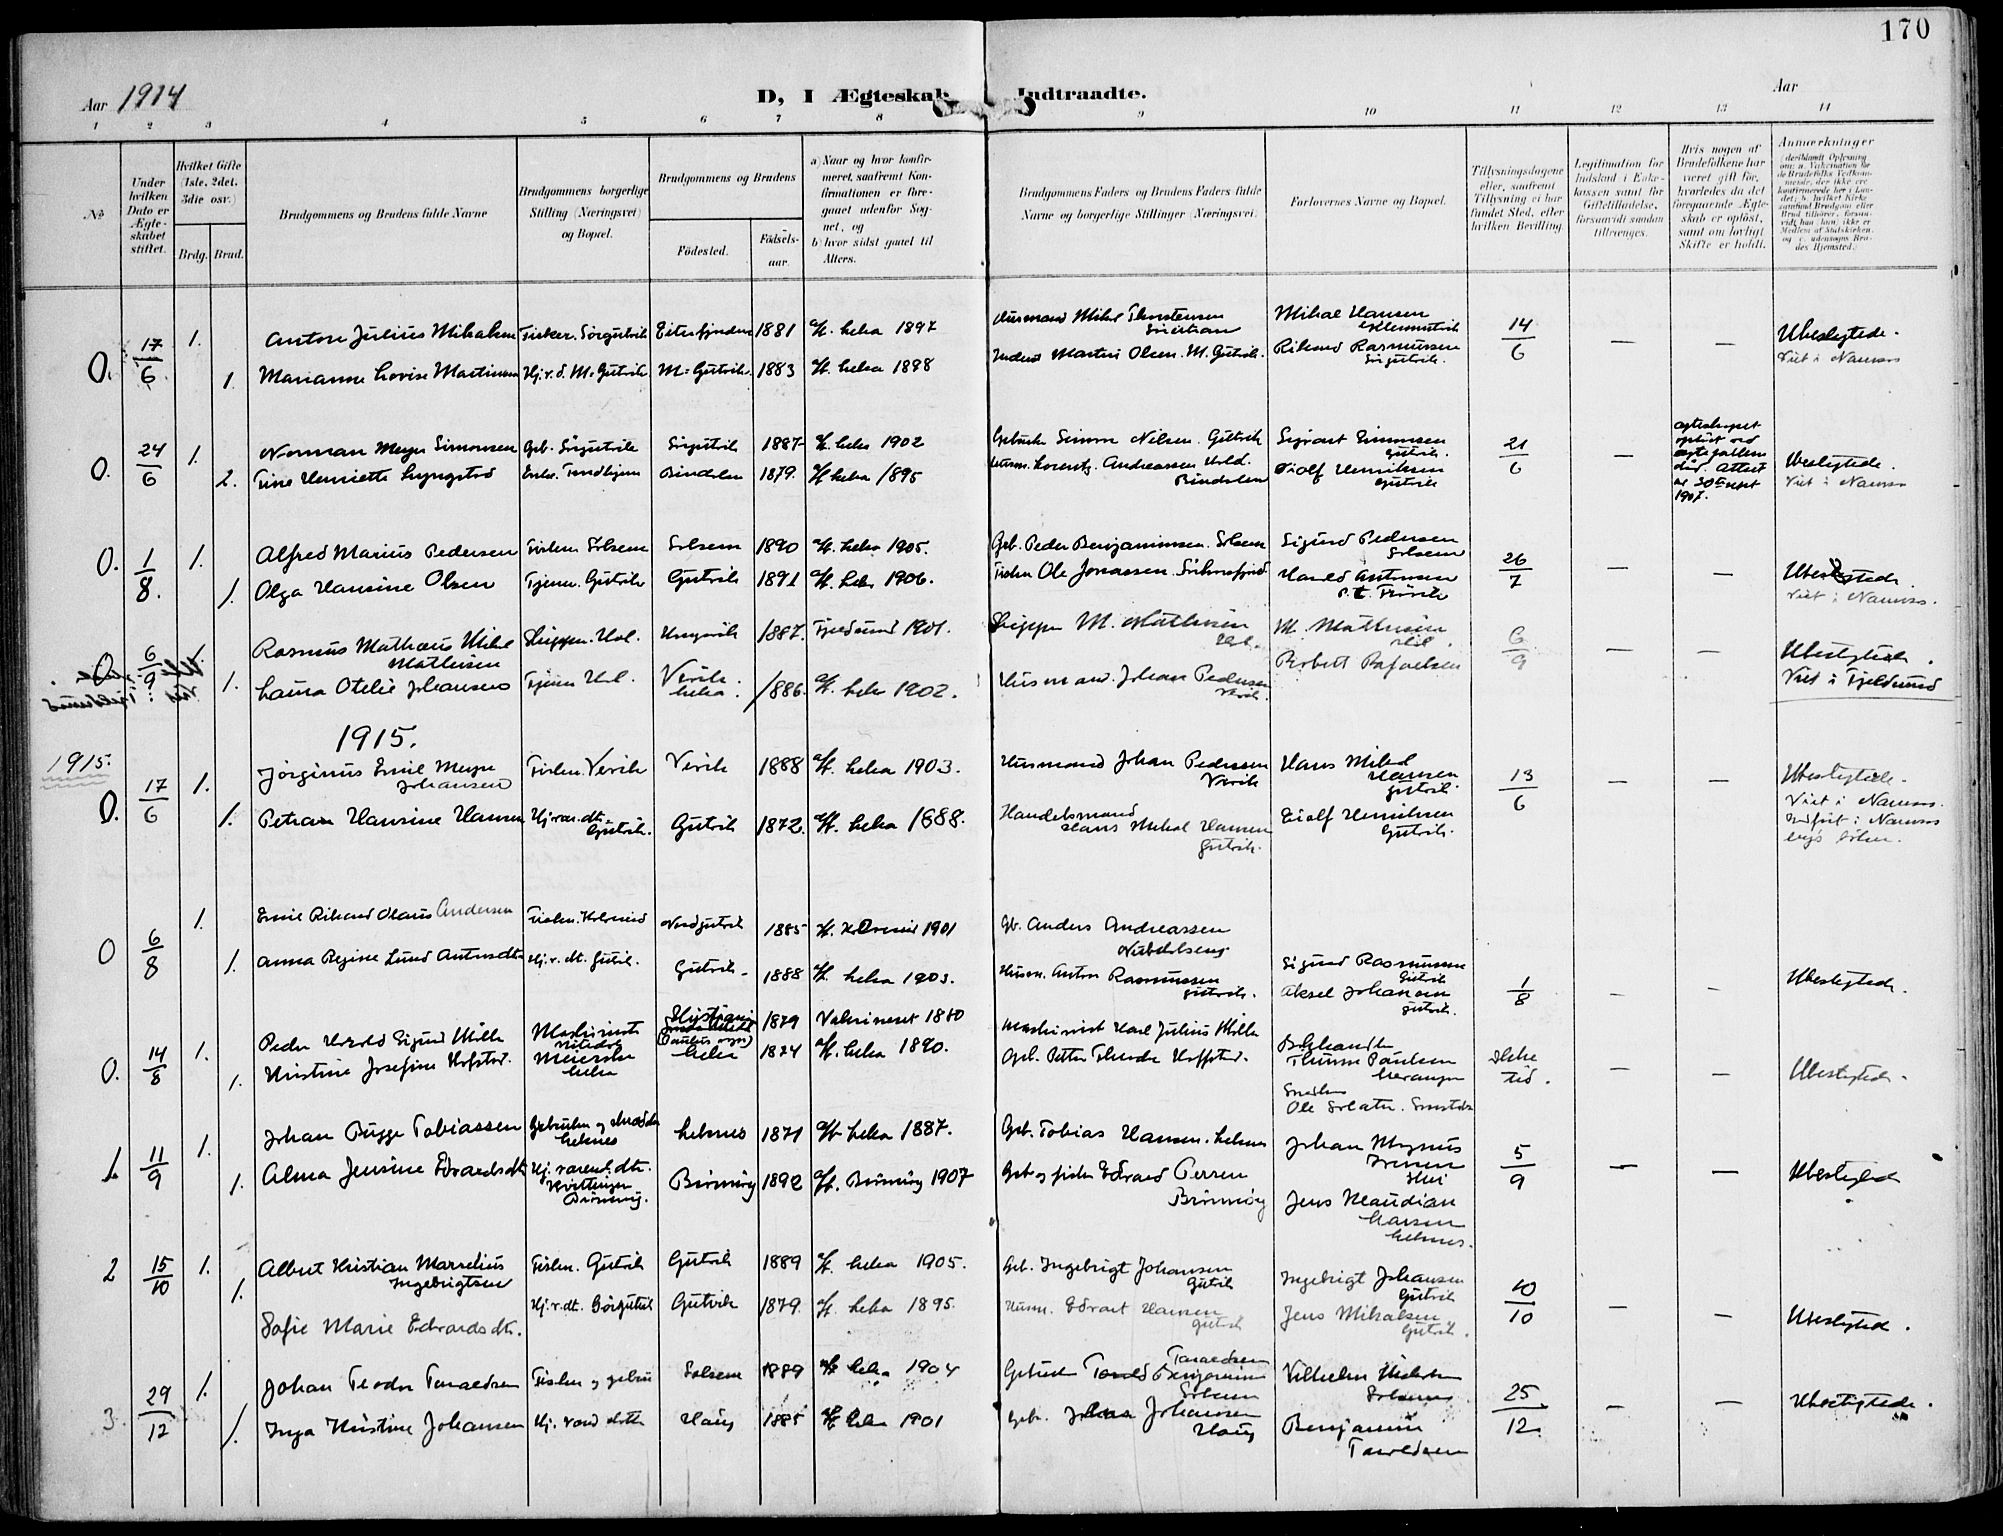 SAT, Ministerialprotokoller, klokkerbøker og fødselsregistre - Nord-Trøndelag, 788/L0698: Ministerialbok nr. 788A05, 1902-1921, s. 170